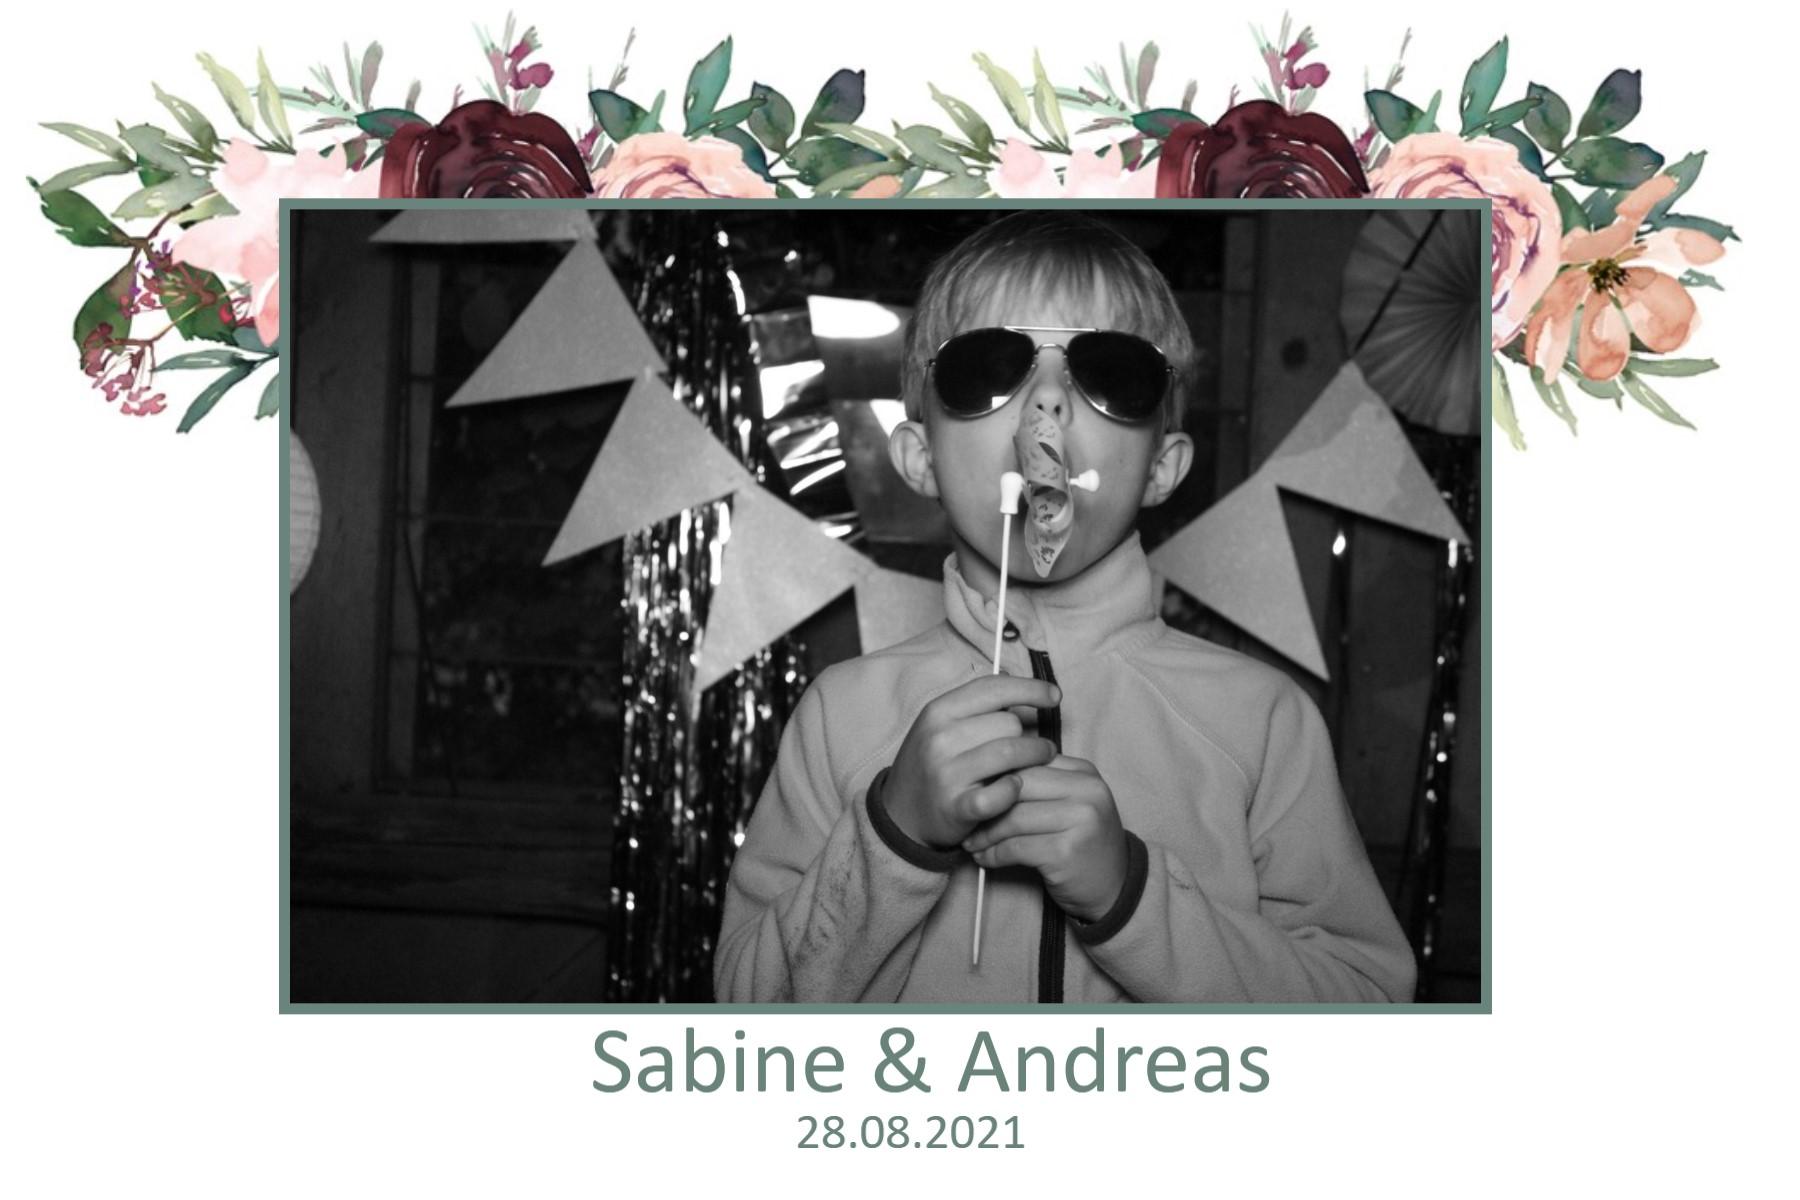 Sabine & Andreas